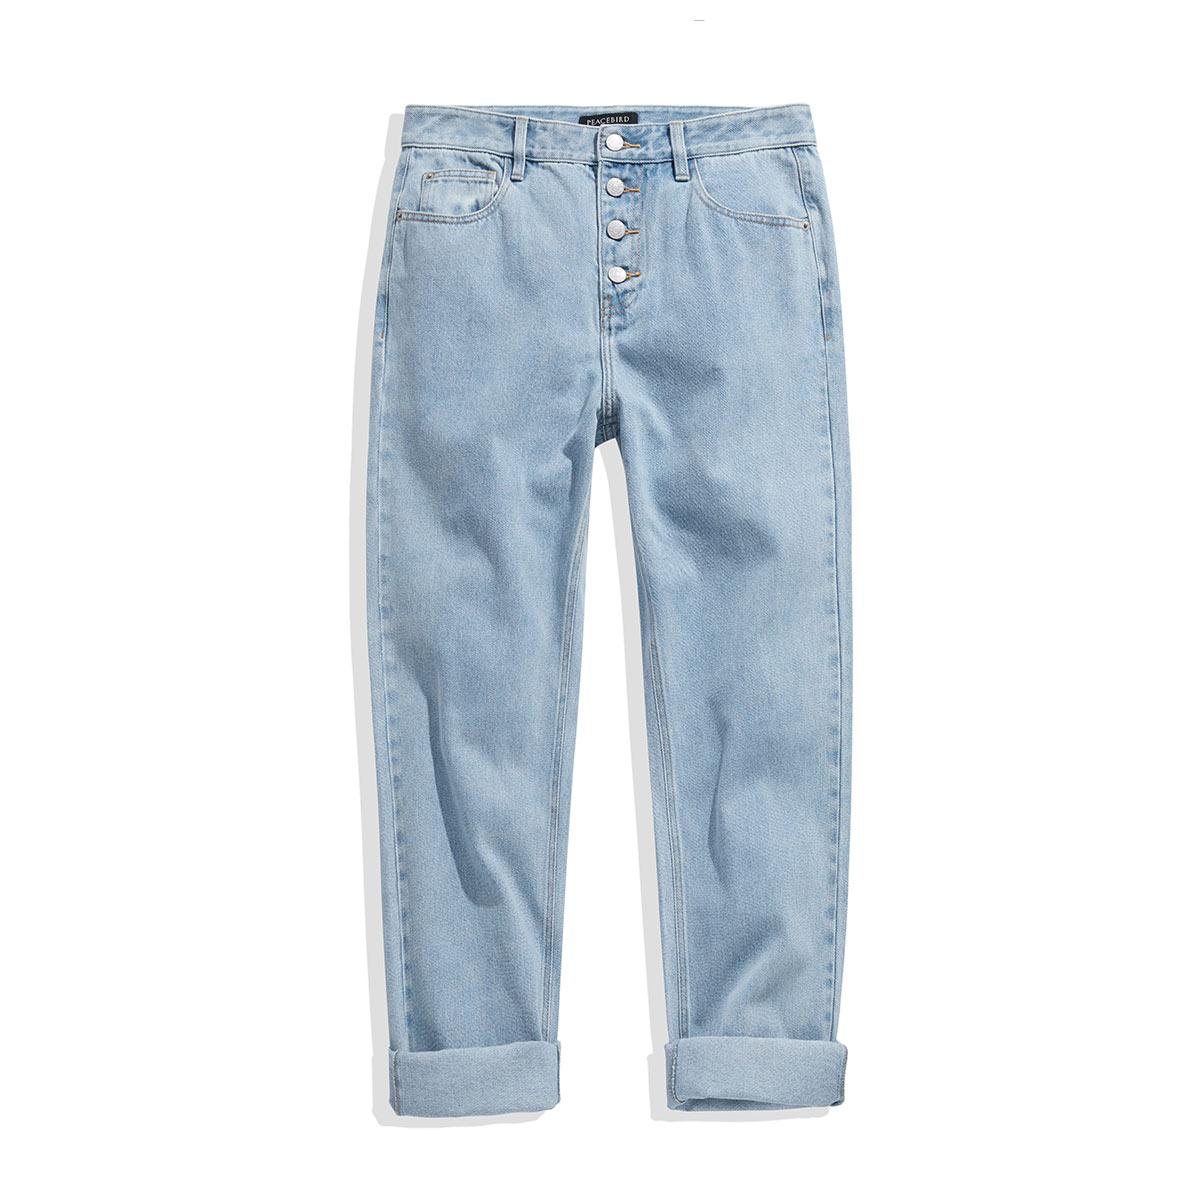 [Giống như trong trung tâm thương mại] Quần jeans nam của hãng chim yên bình Quần dài ống loe Quần dài BYHA94A22 - Quần jean